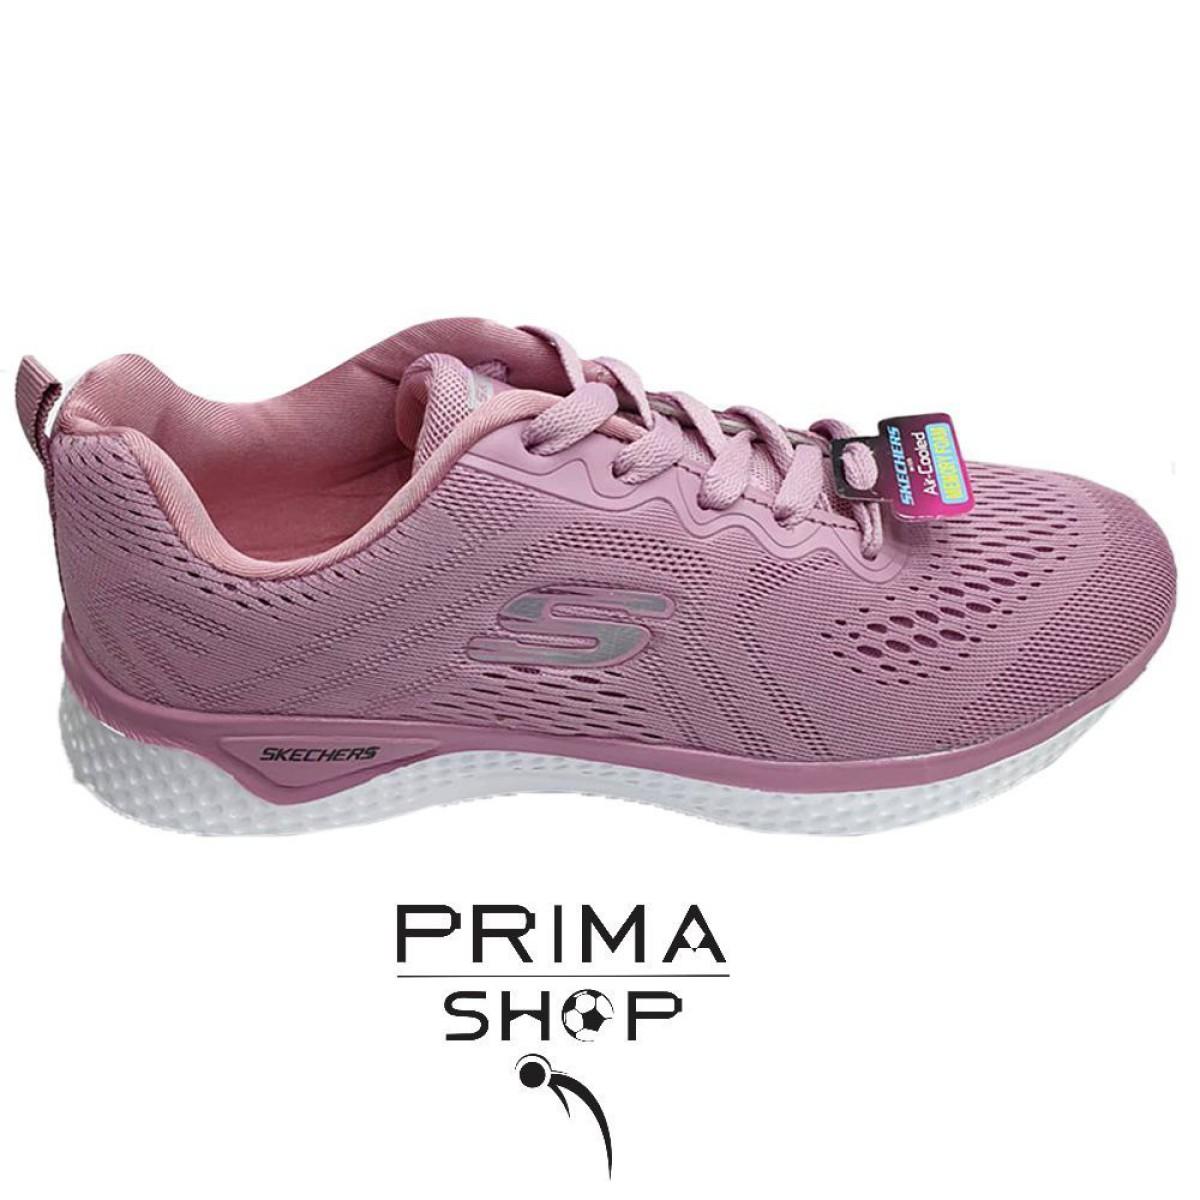 کفش اسپرت اسکیچرز زنانه کد 04 (های کپی)